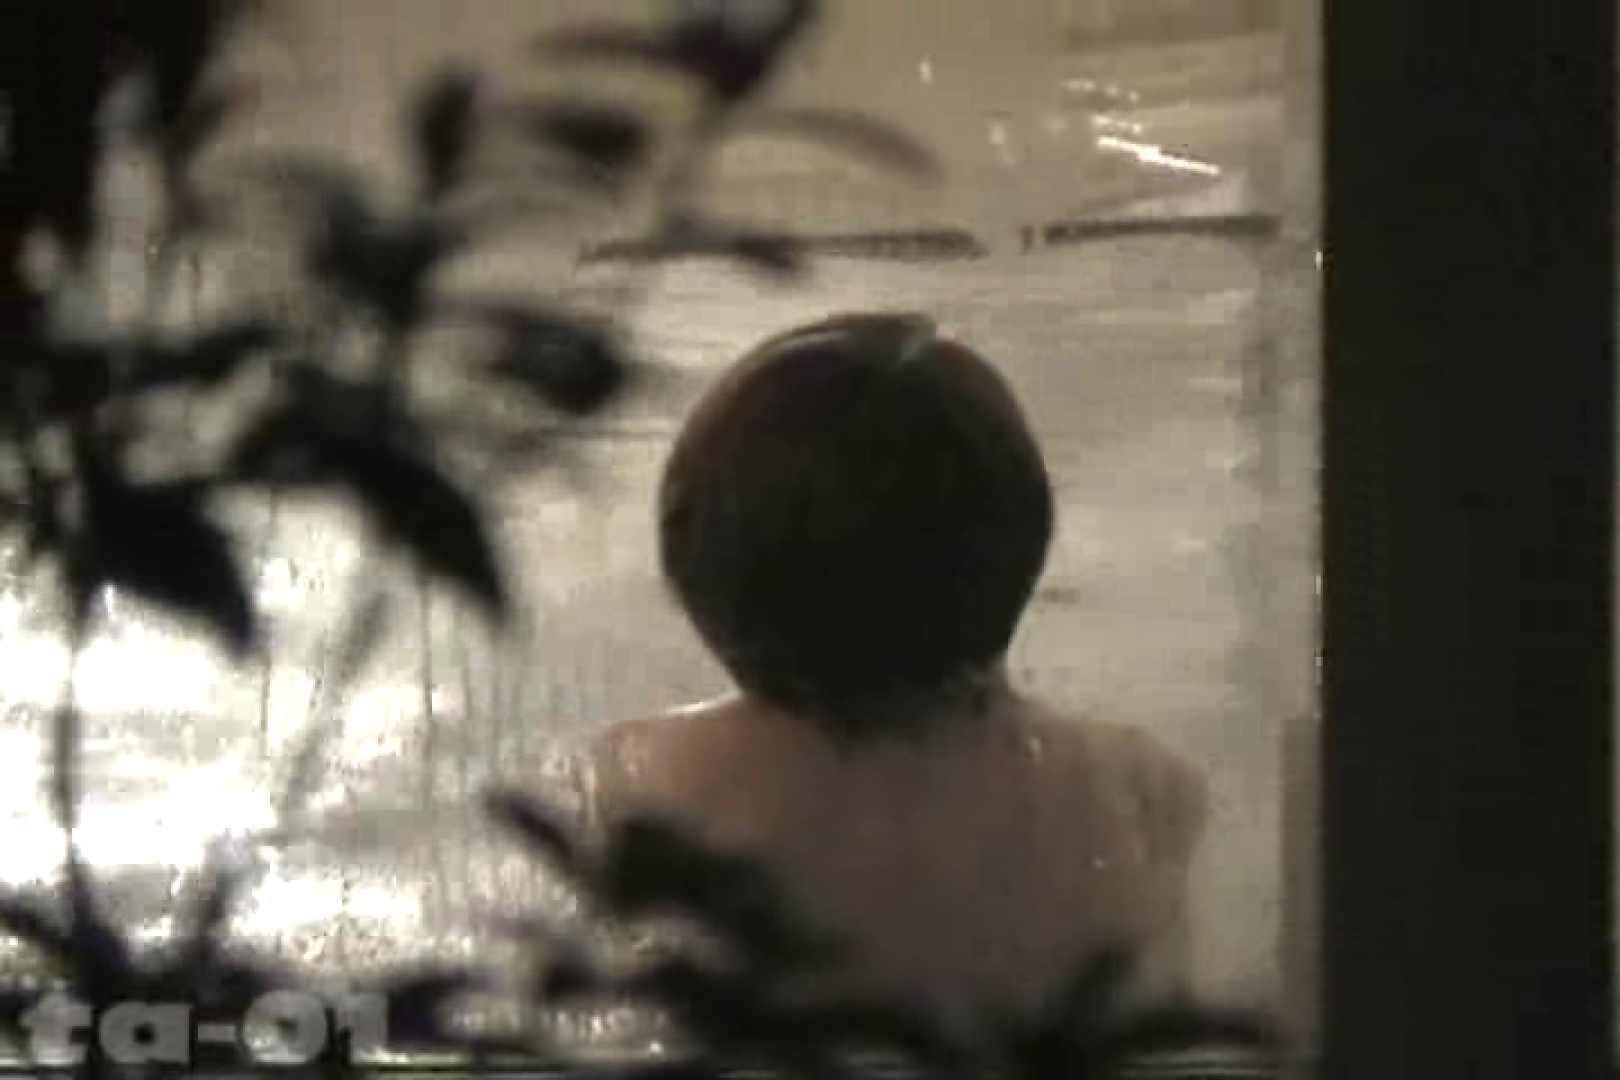 合宿ホテル女風呂盗撮高画質版 Vol.01 女風呂   ホテルでエッチ  91pic 37